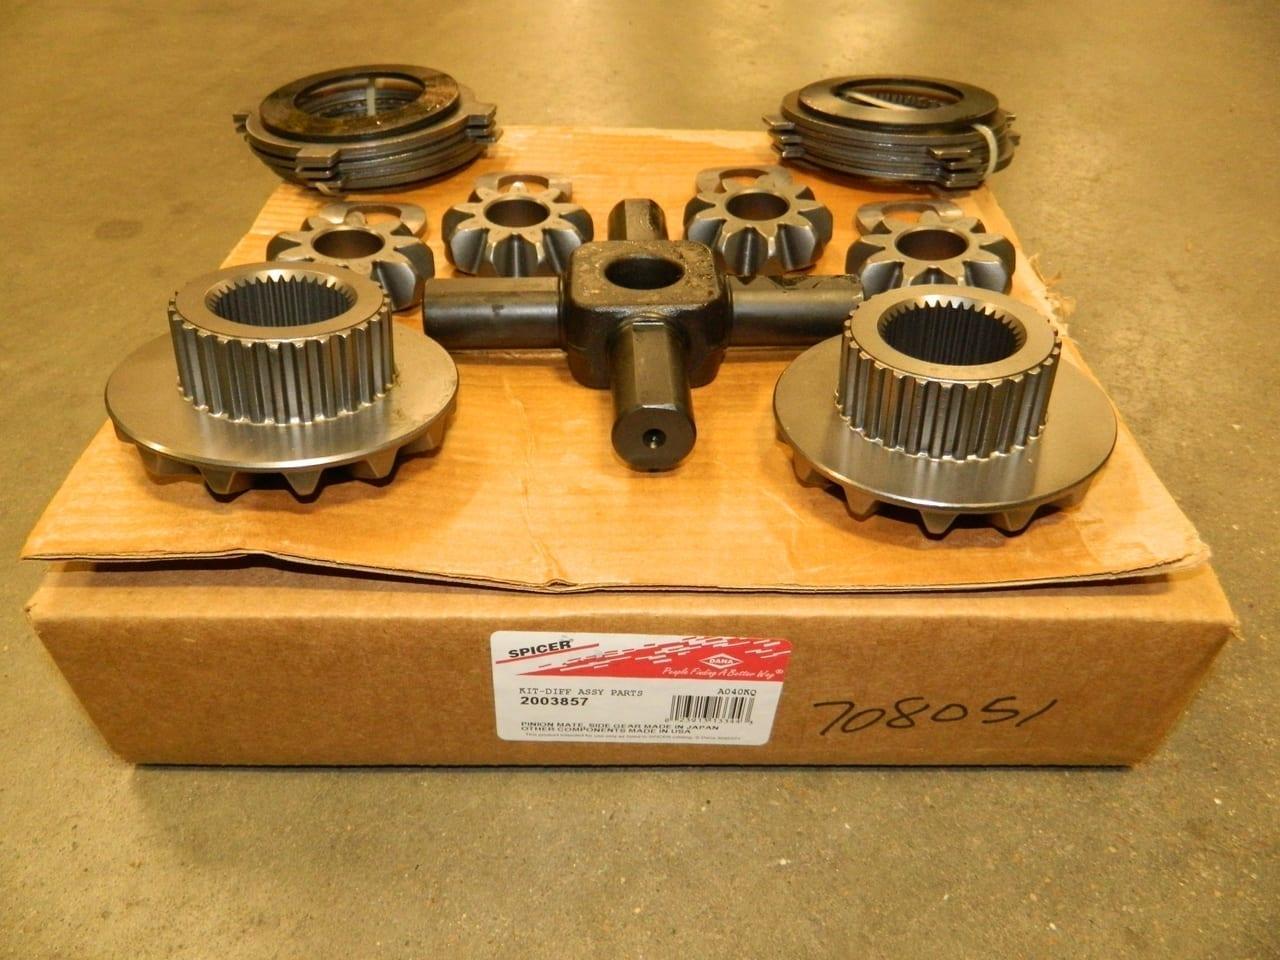 Dana 80 Trac Lok Differential 35 Spline Internal Kit Spider Axle. Dana 80 Trac Lok Differential 35 Spline Internal Kit Spider Axle Gear Clutch Pack Ford. Ford. Ford 1 Ton Dana 80 Diagram At Scoala.co